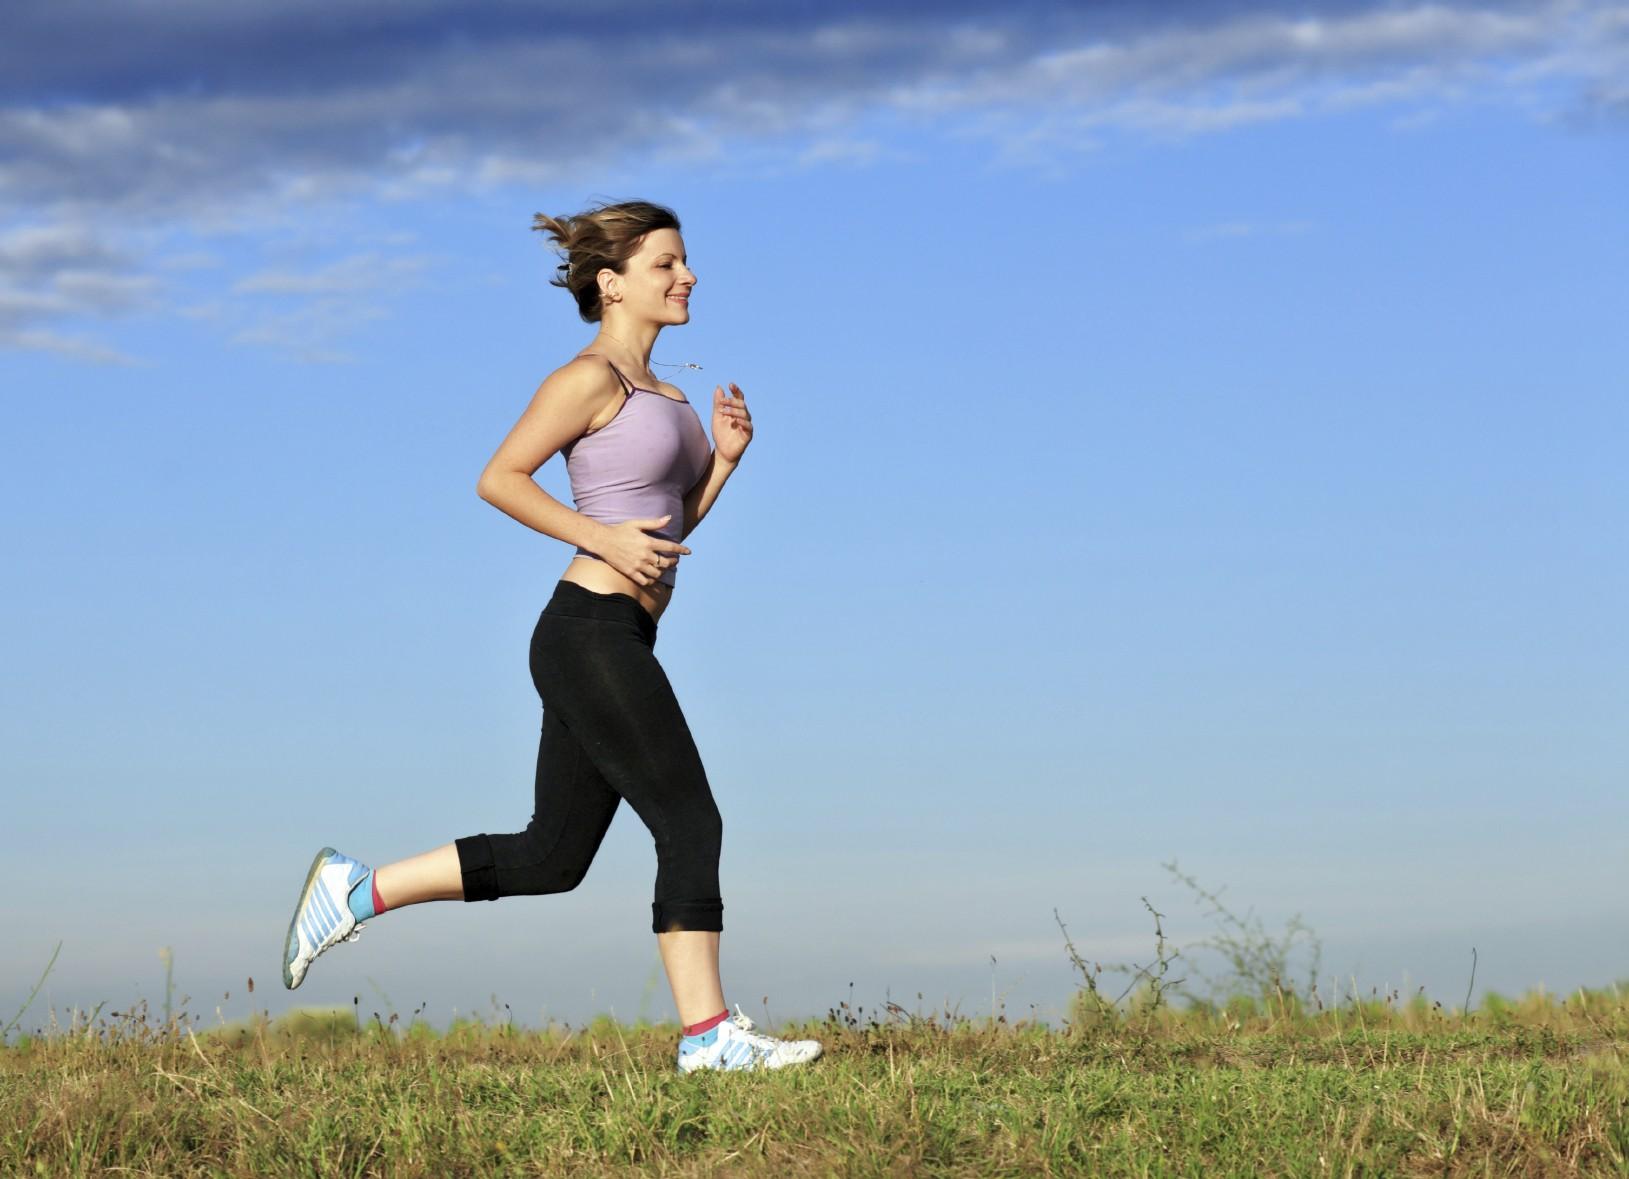 hogyan sportoljon 2 fokos magas vérnyomás esetén aromaterápia magas vérnyomás magas vérnyomás figyelő